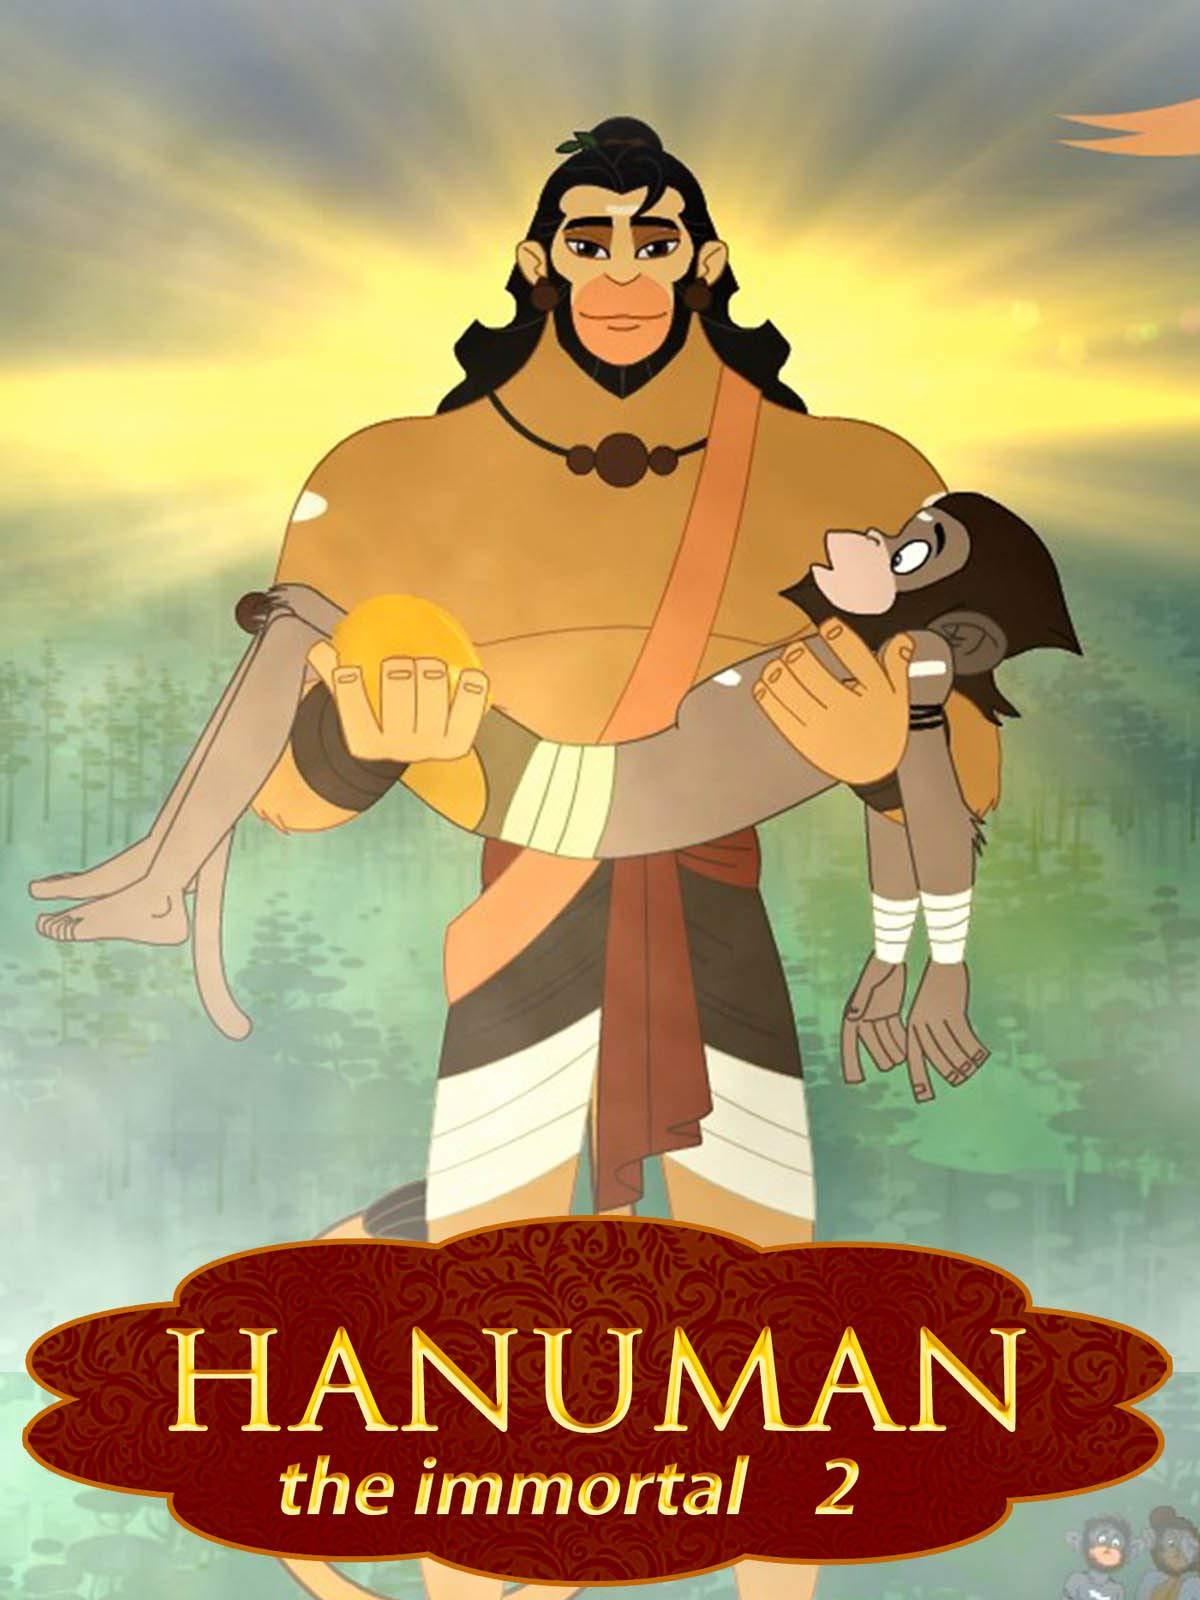 Hanuman the Immortal - 2